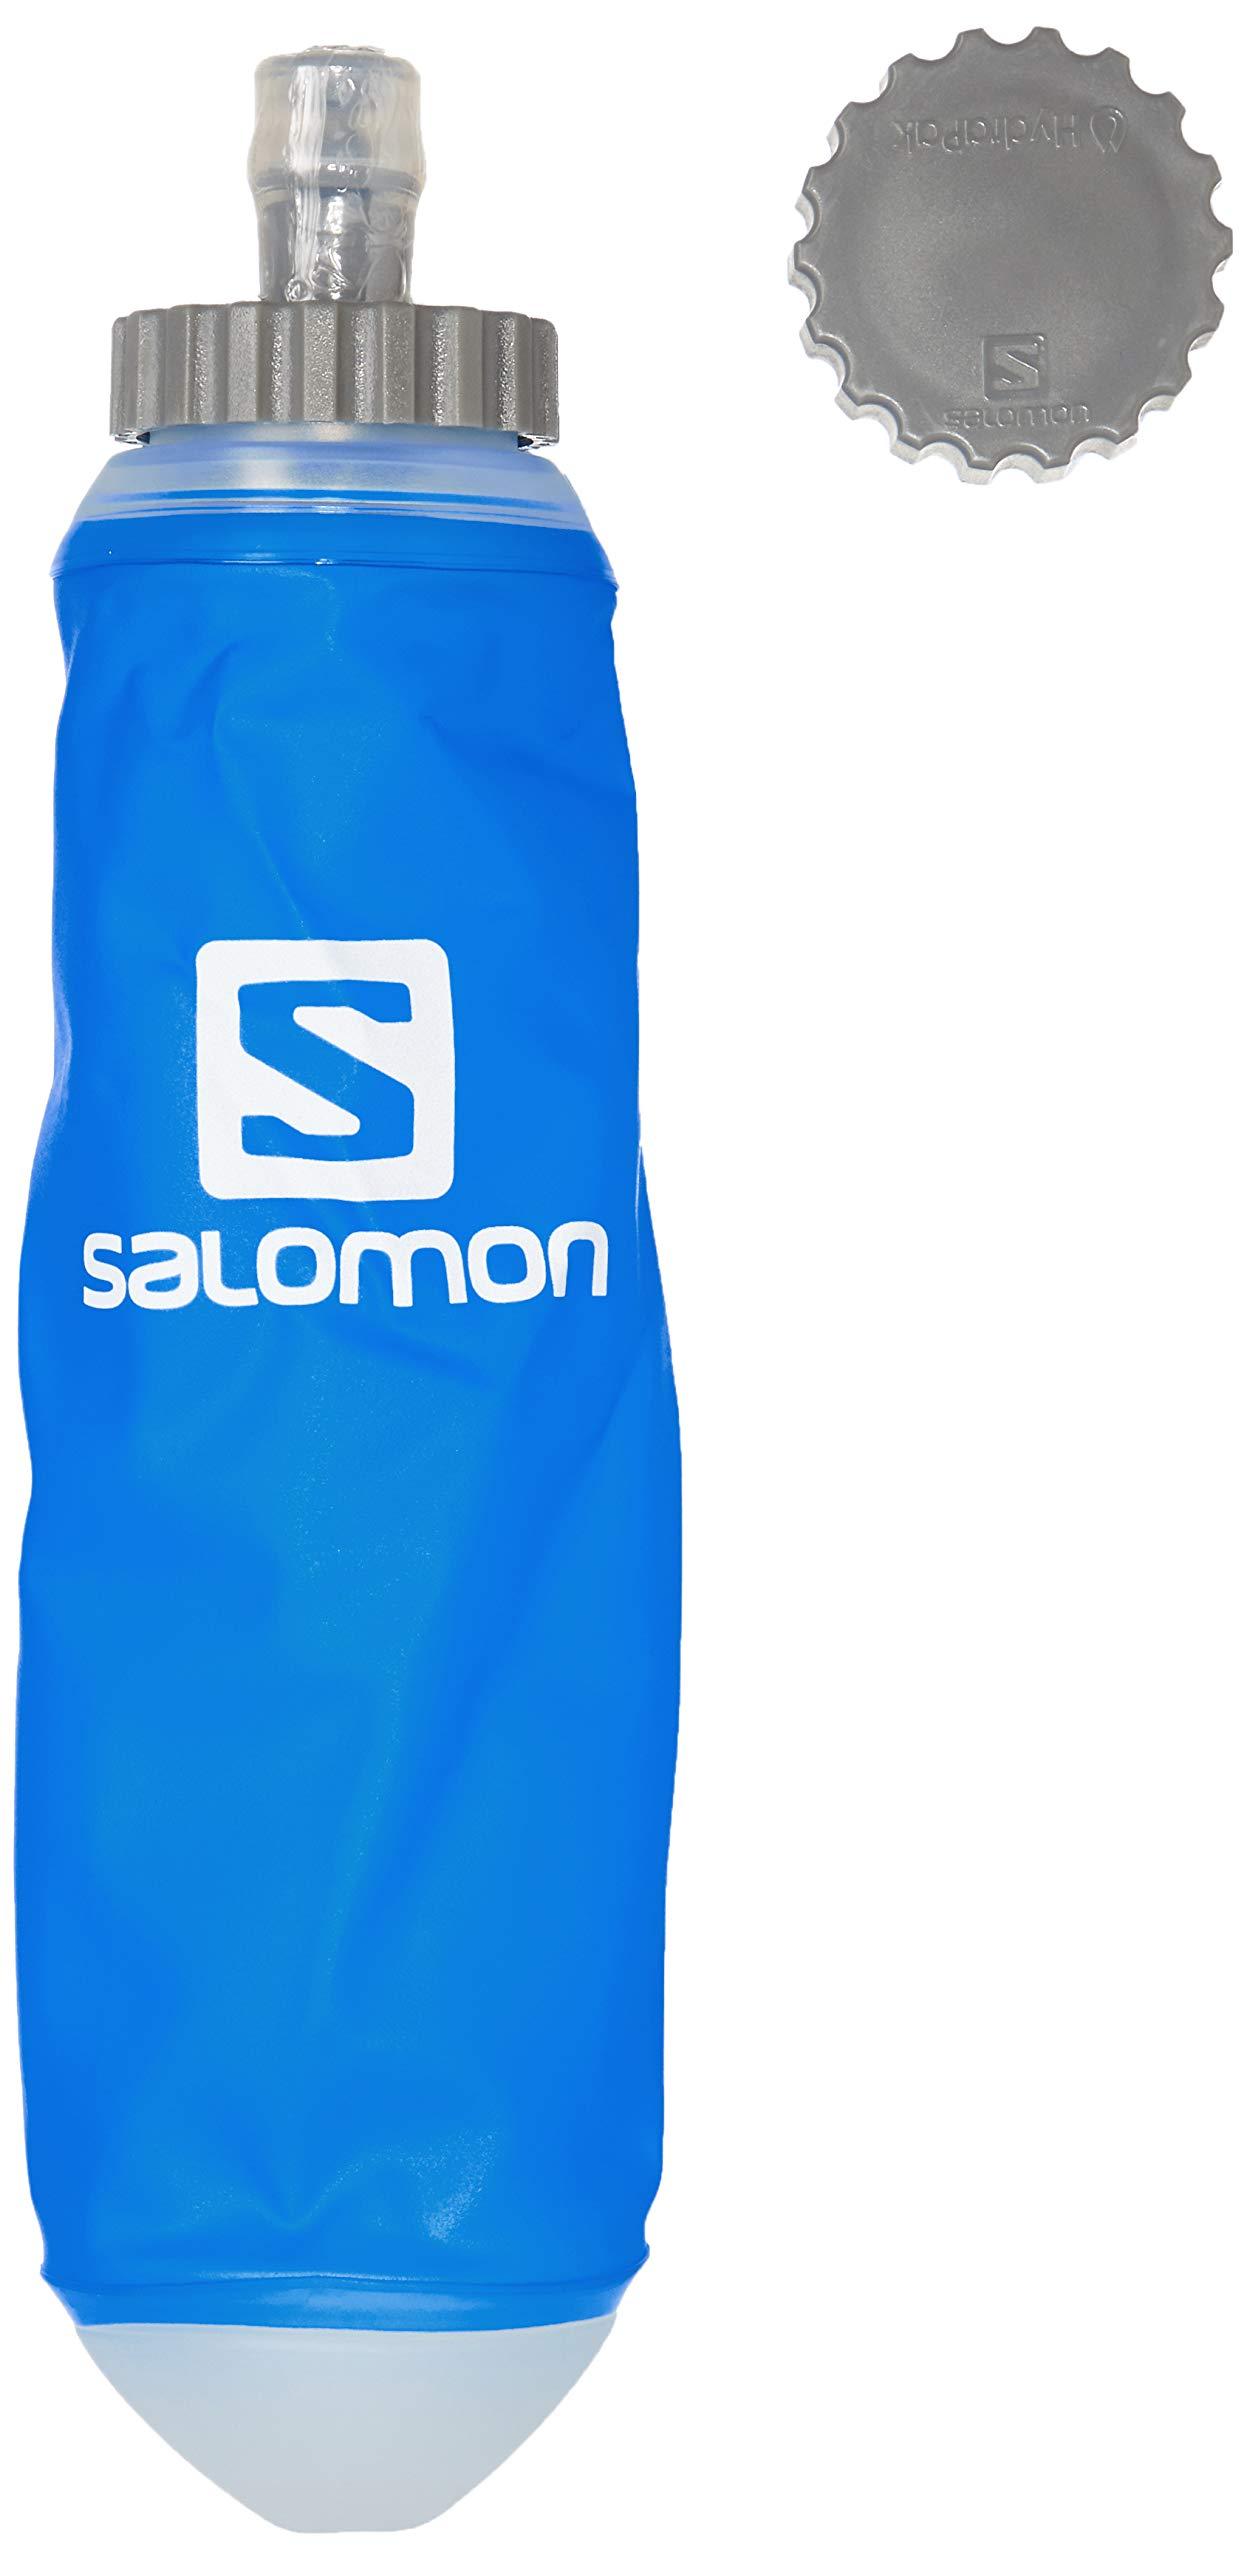 Salomon Soft Flask, 150ml/5-Ounce, Clear